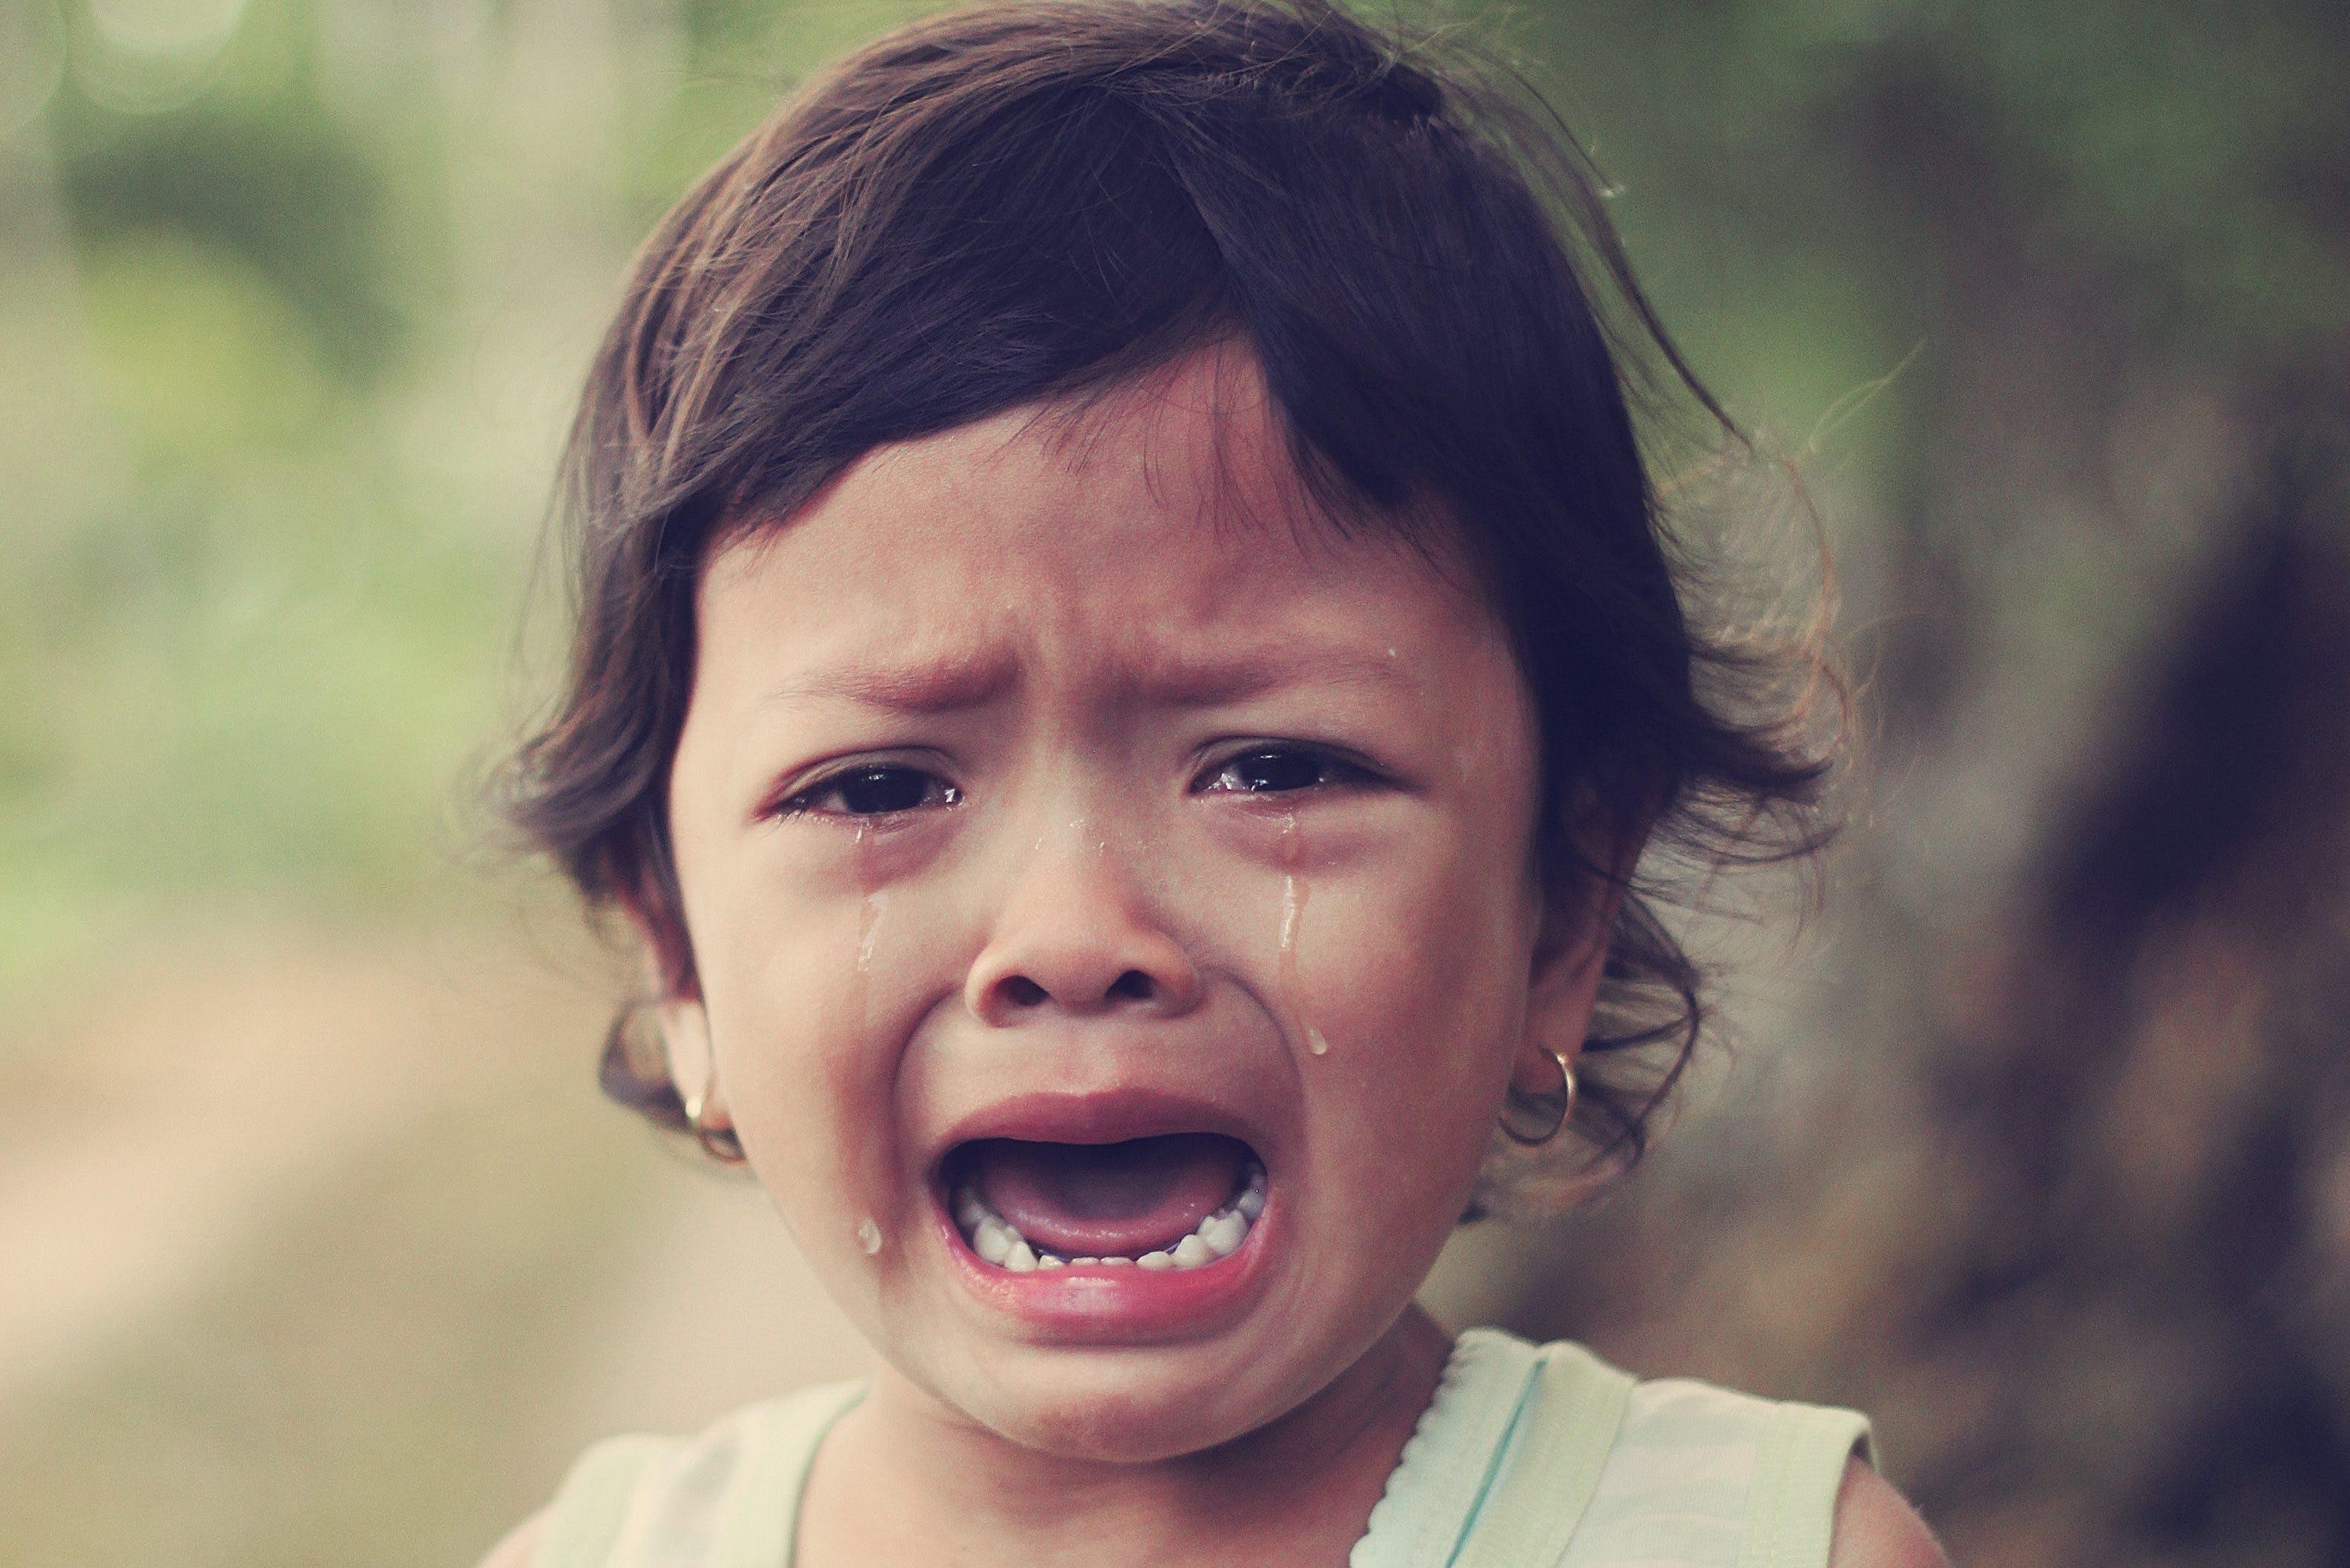 svullna ögon efter gråt